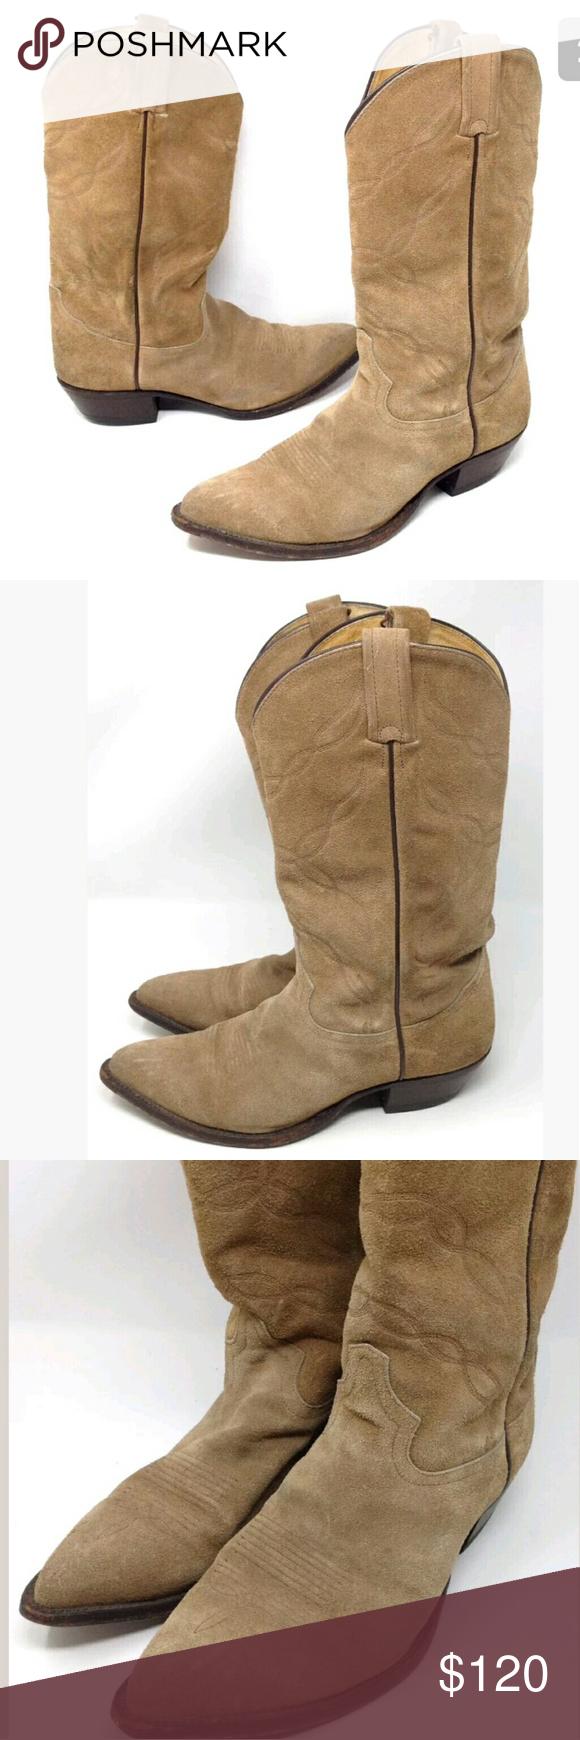 Tony Lama Cowboy Boots Rough Out 9.5 D